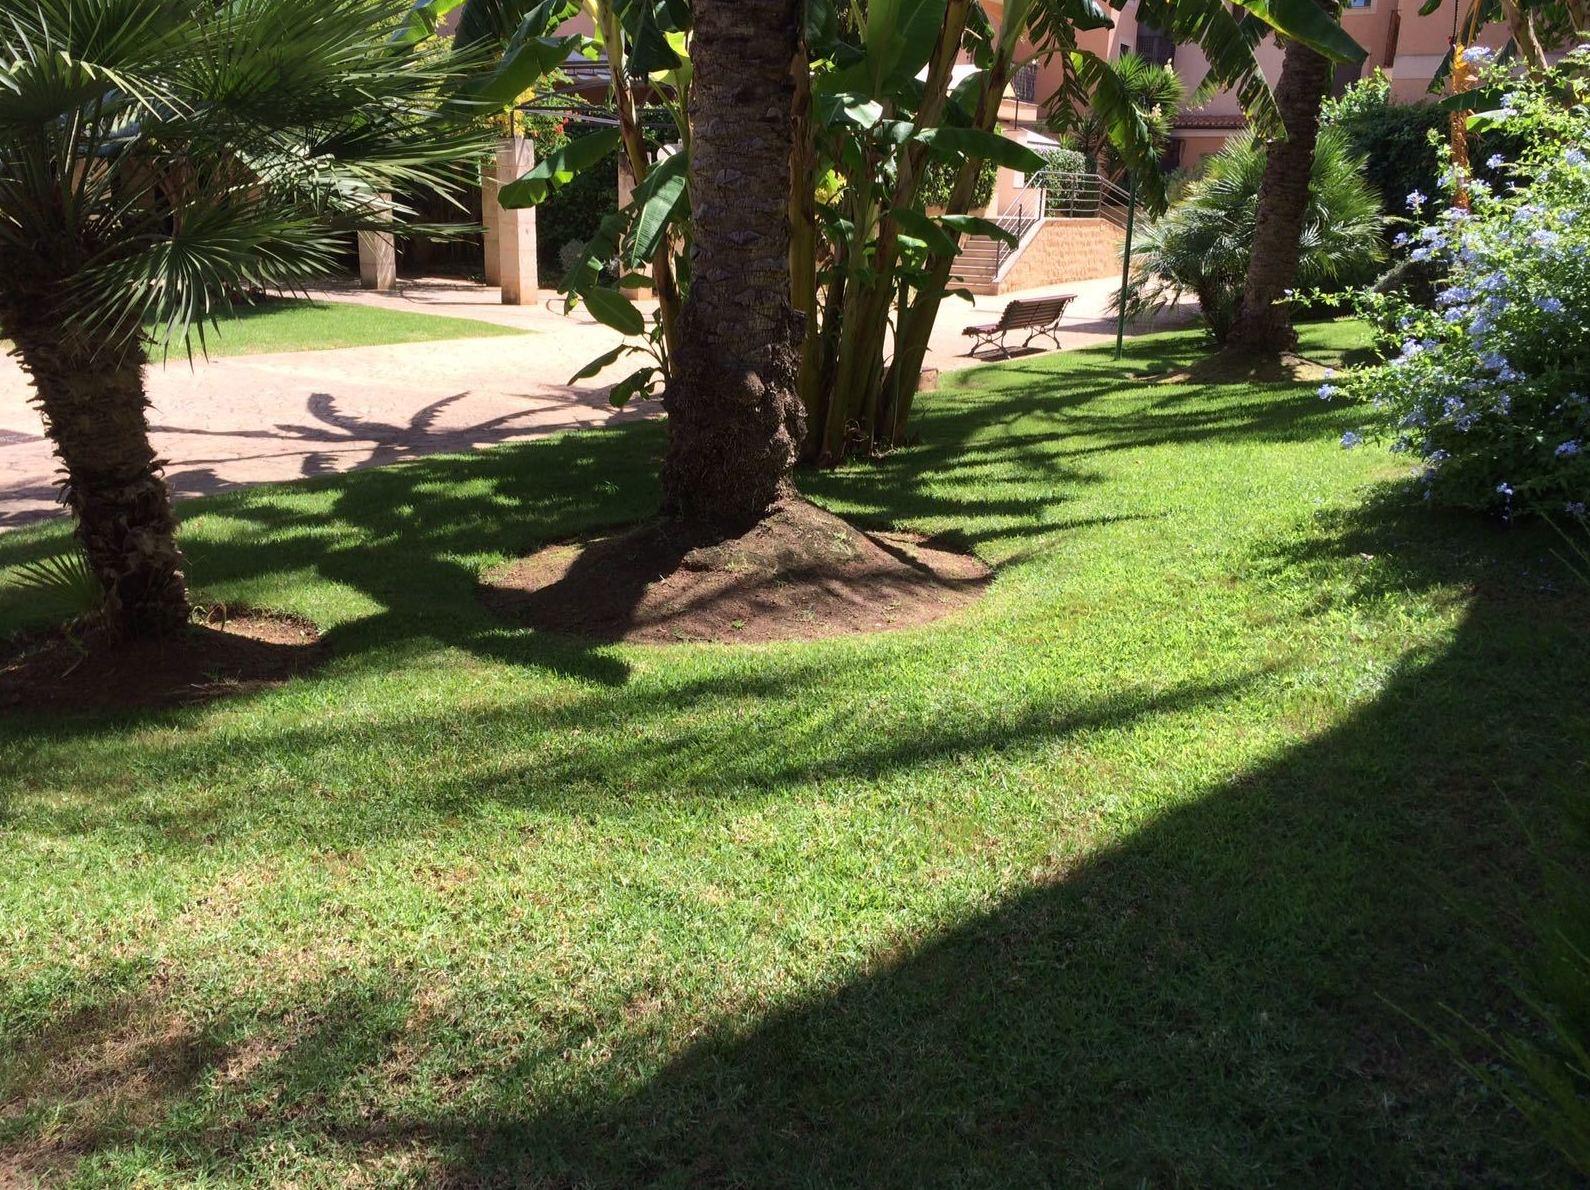 Mantenimiento de jardines llucmajor for Mantenimiento de jardines